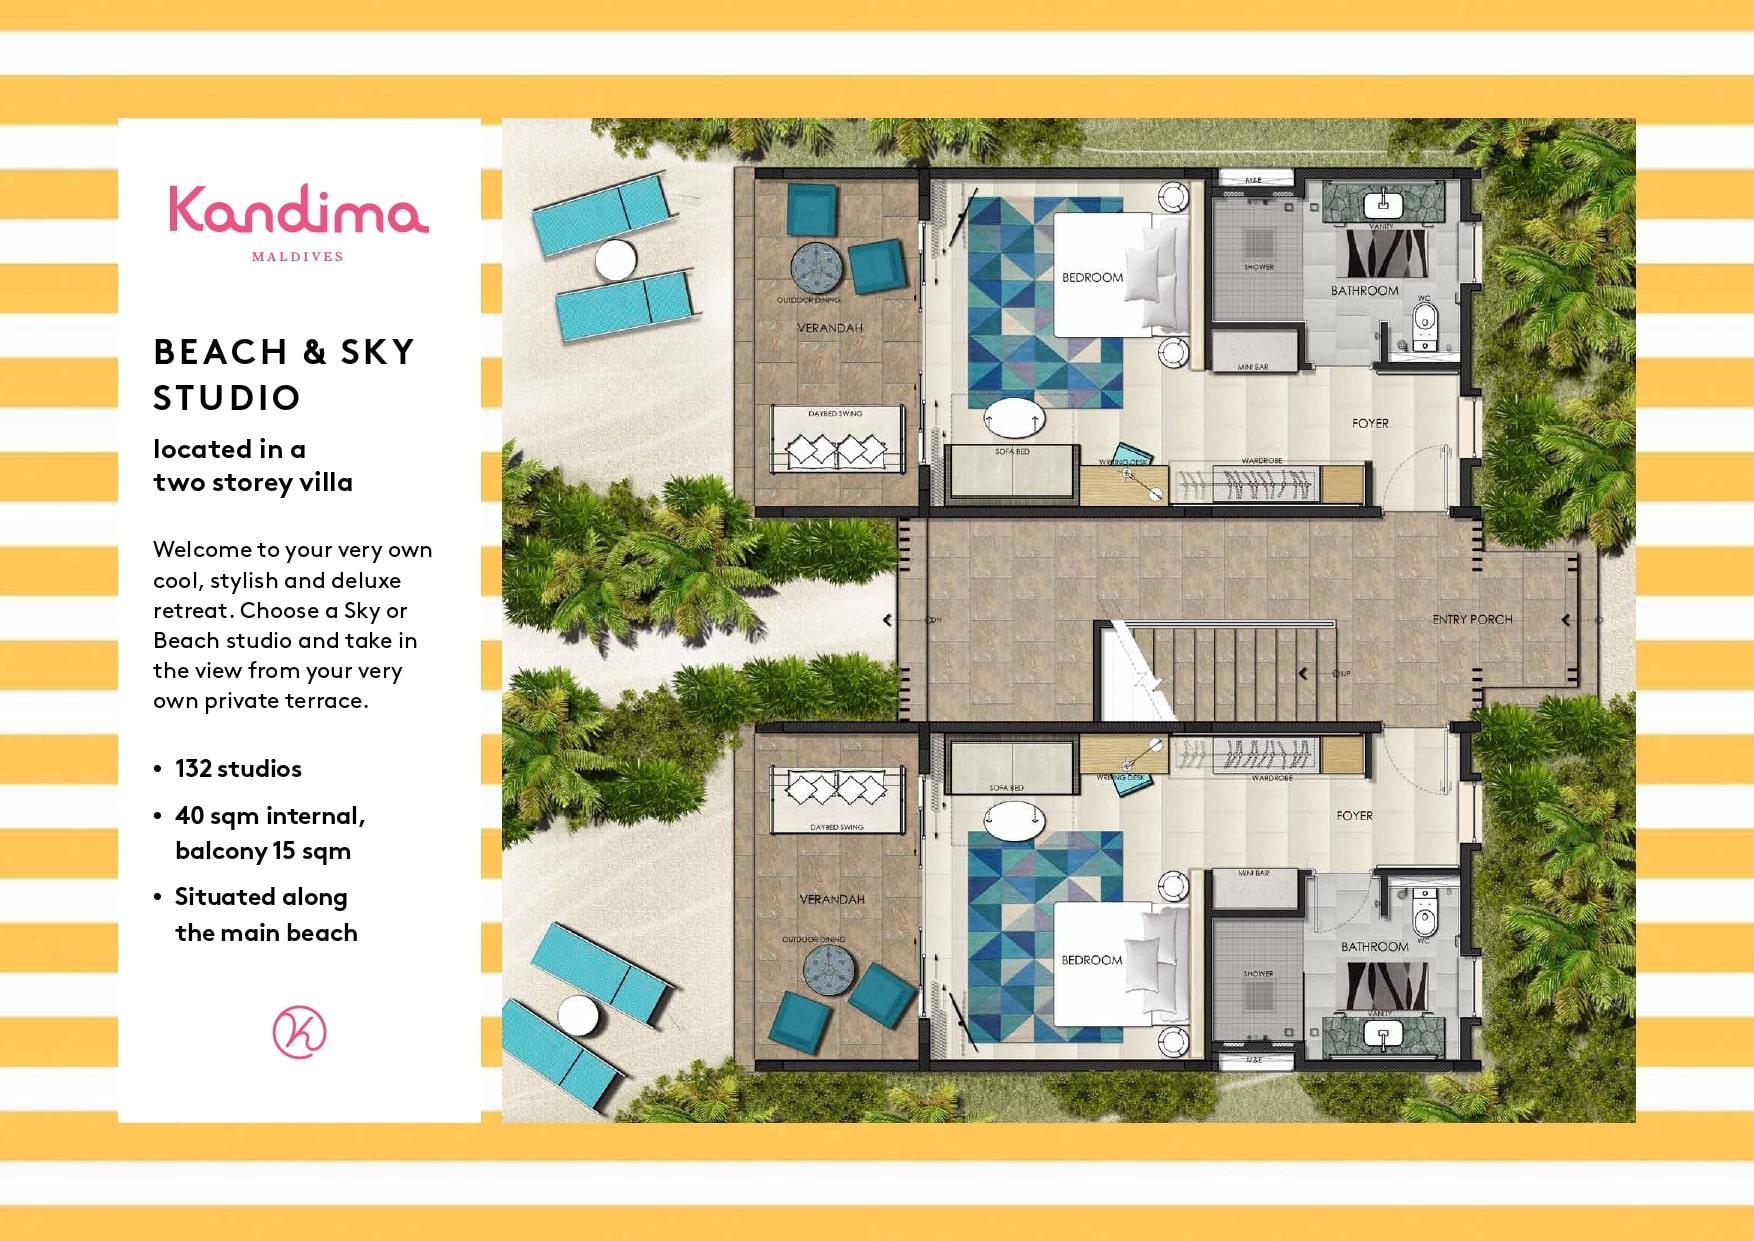 Мальдивы, отель Kandima Maldives, план-схема номера Sky Studio/Beach Studio